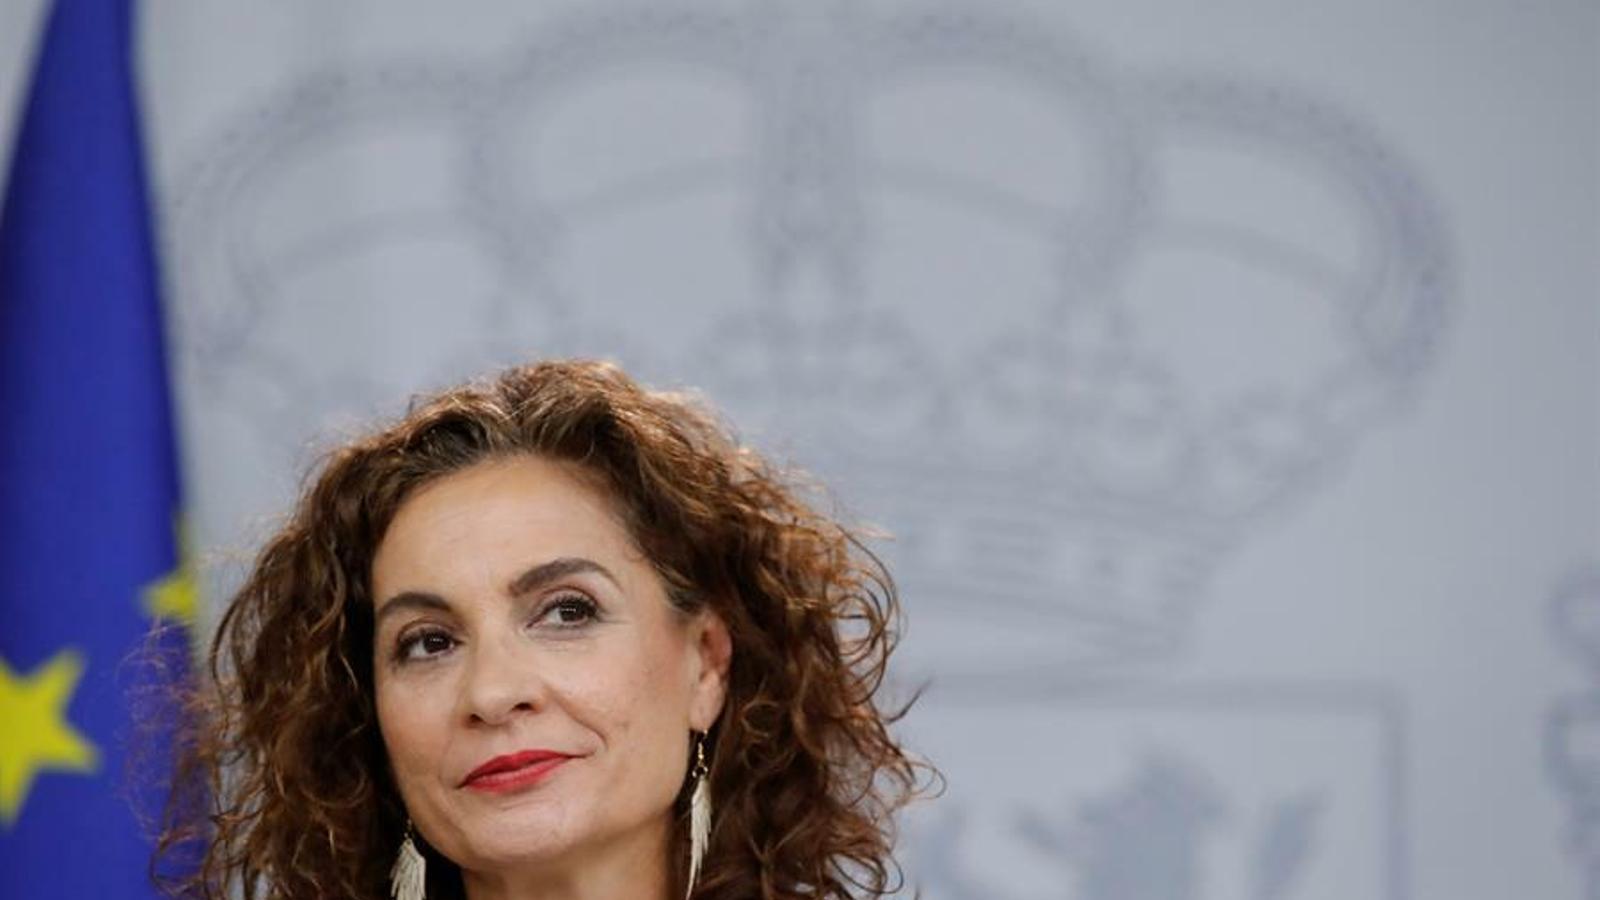 La portaveu del govern espanyol i ministra d'Hisenda, María Jesús Montero, durant la roda de premsa posterior al consell de ministres d'aquest dimarts.